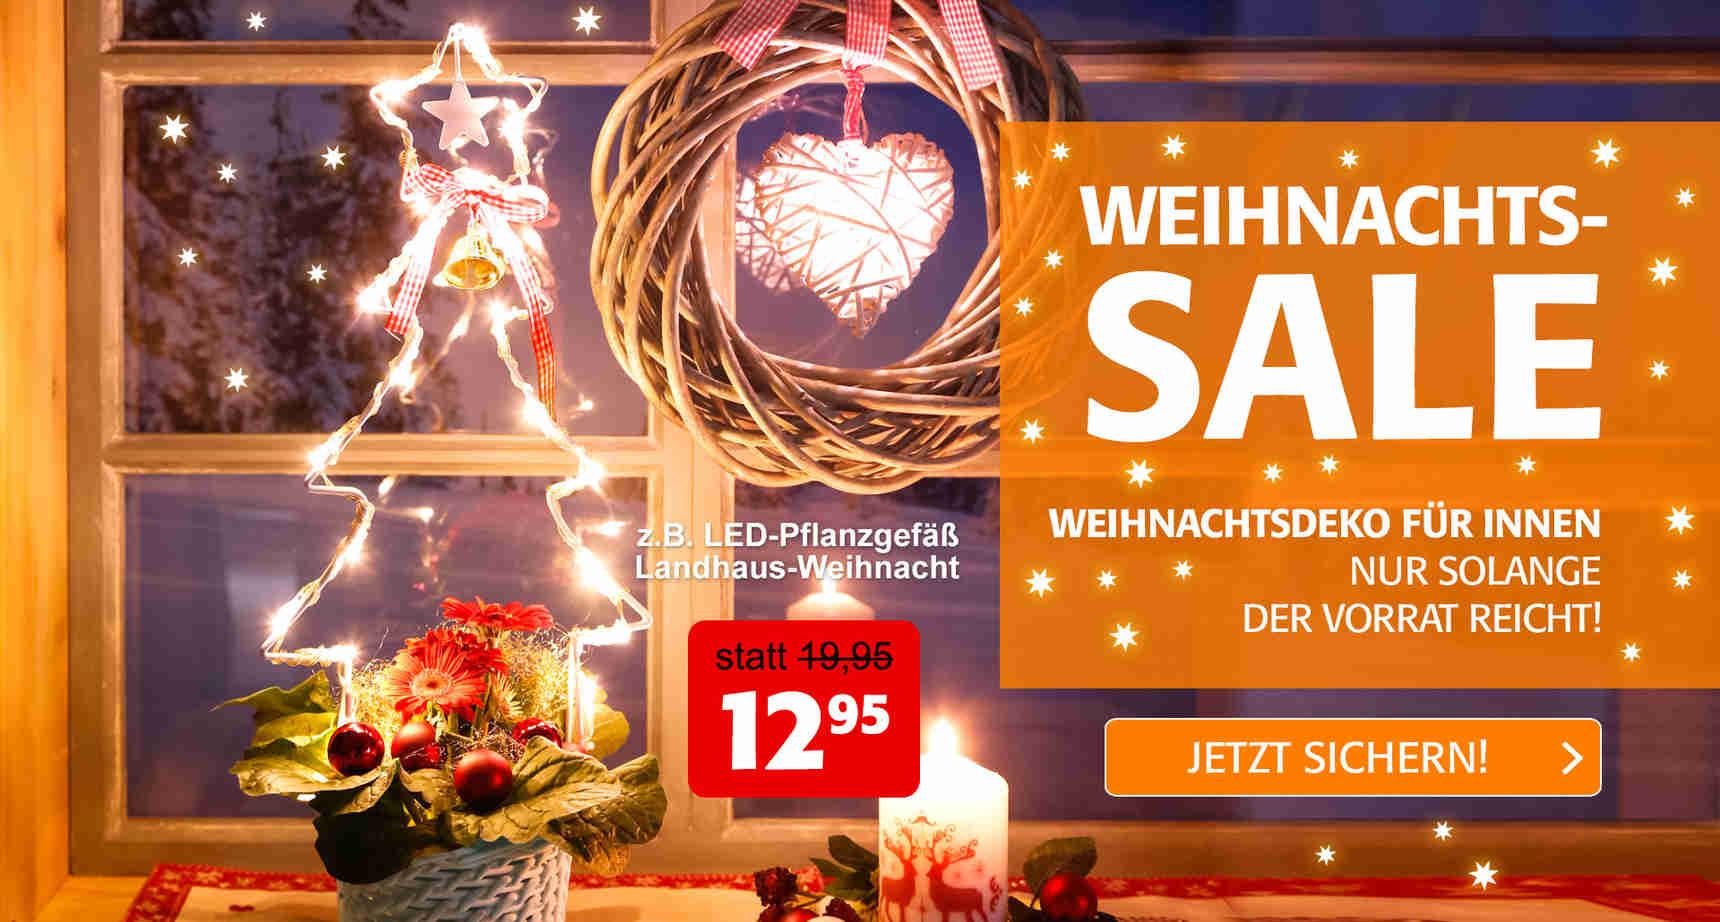 +++ (1) Weihnachts-Sale +++ - 3